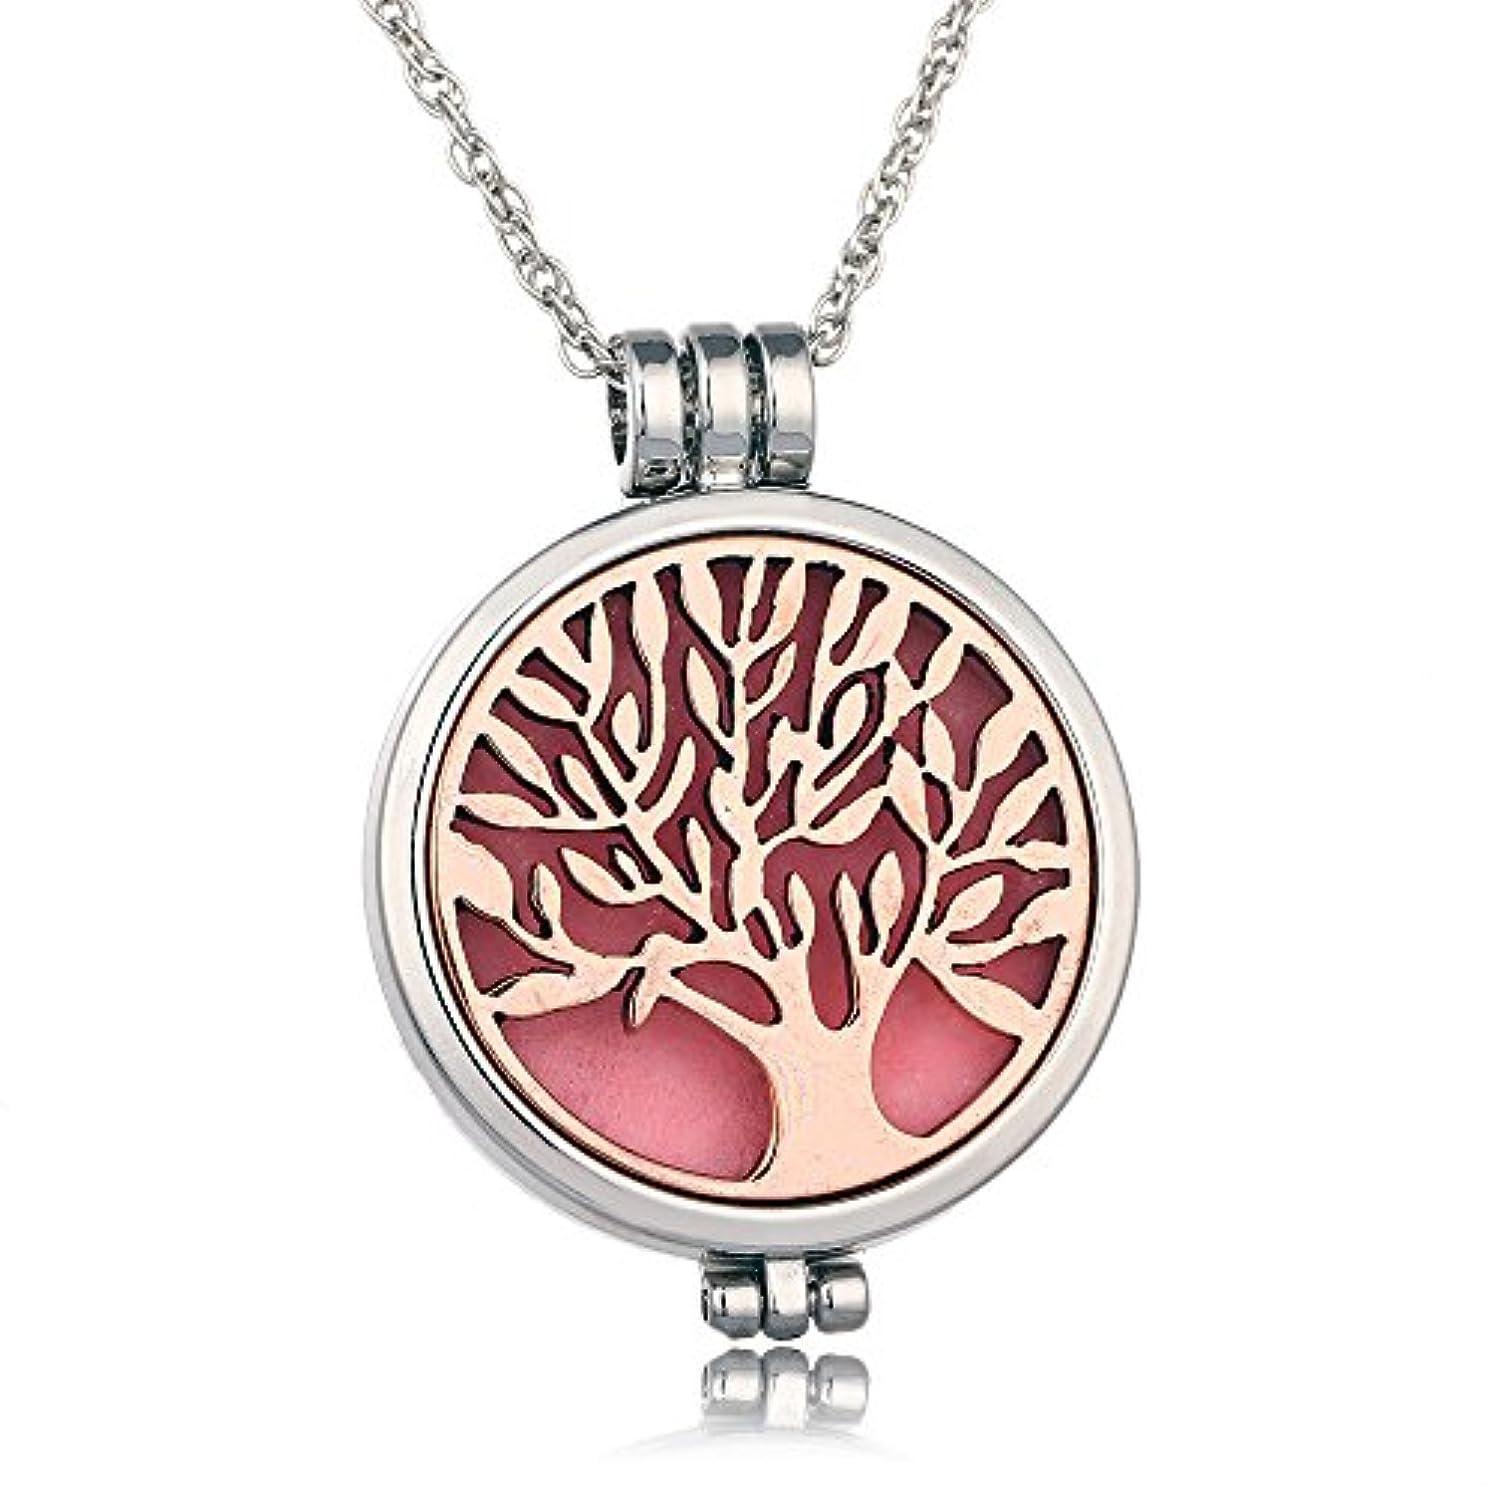 手荷物常習的従事したThe Tree Of Life ,光FragranceネックレスEssential Oil Diffuser with 6フェルトパッド